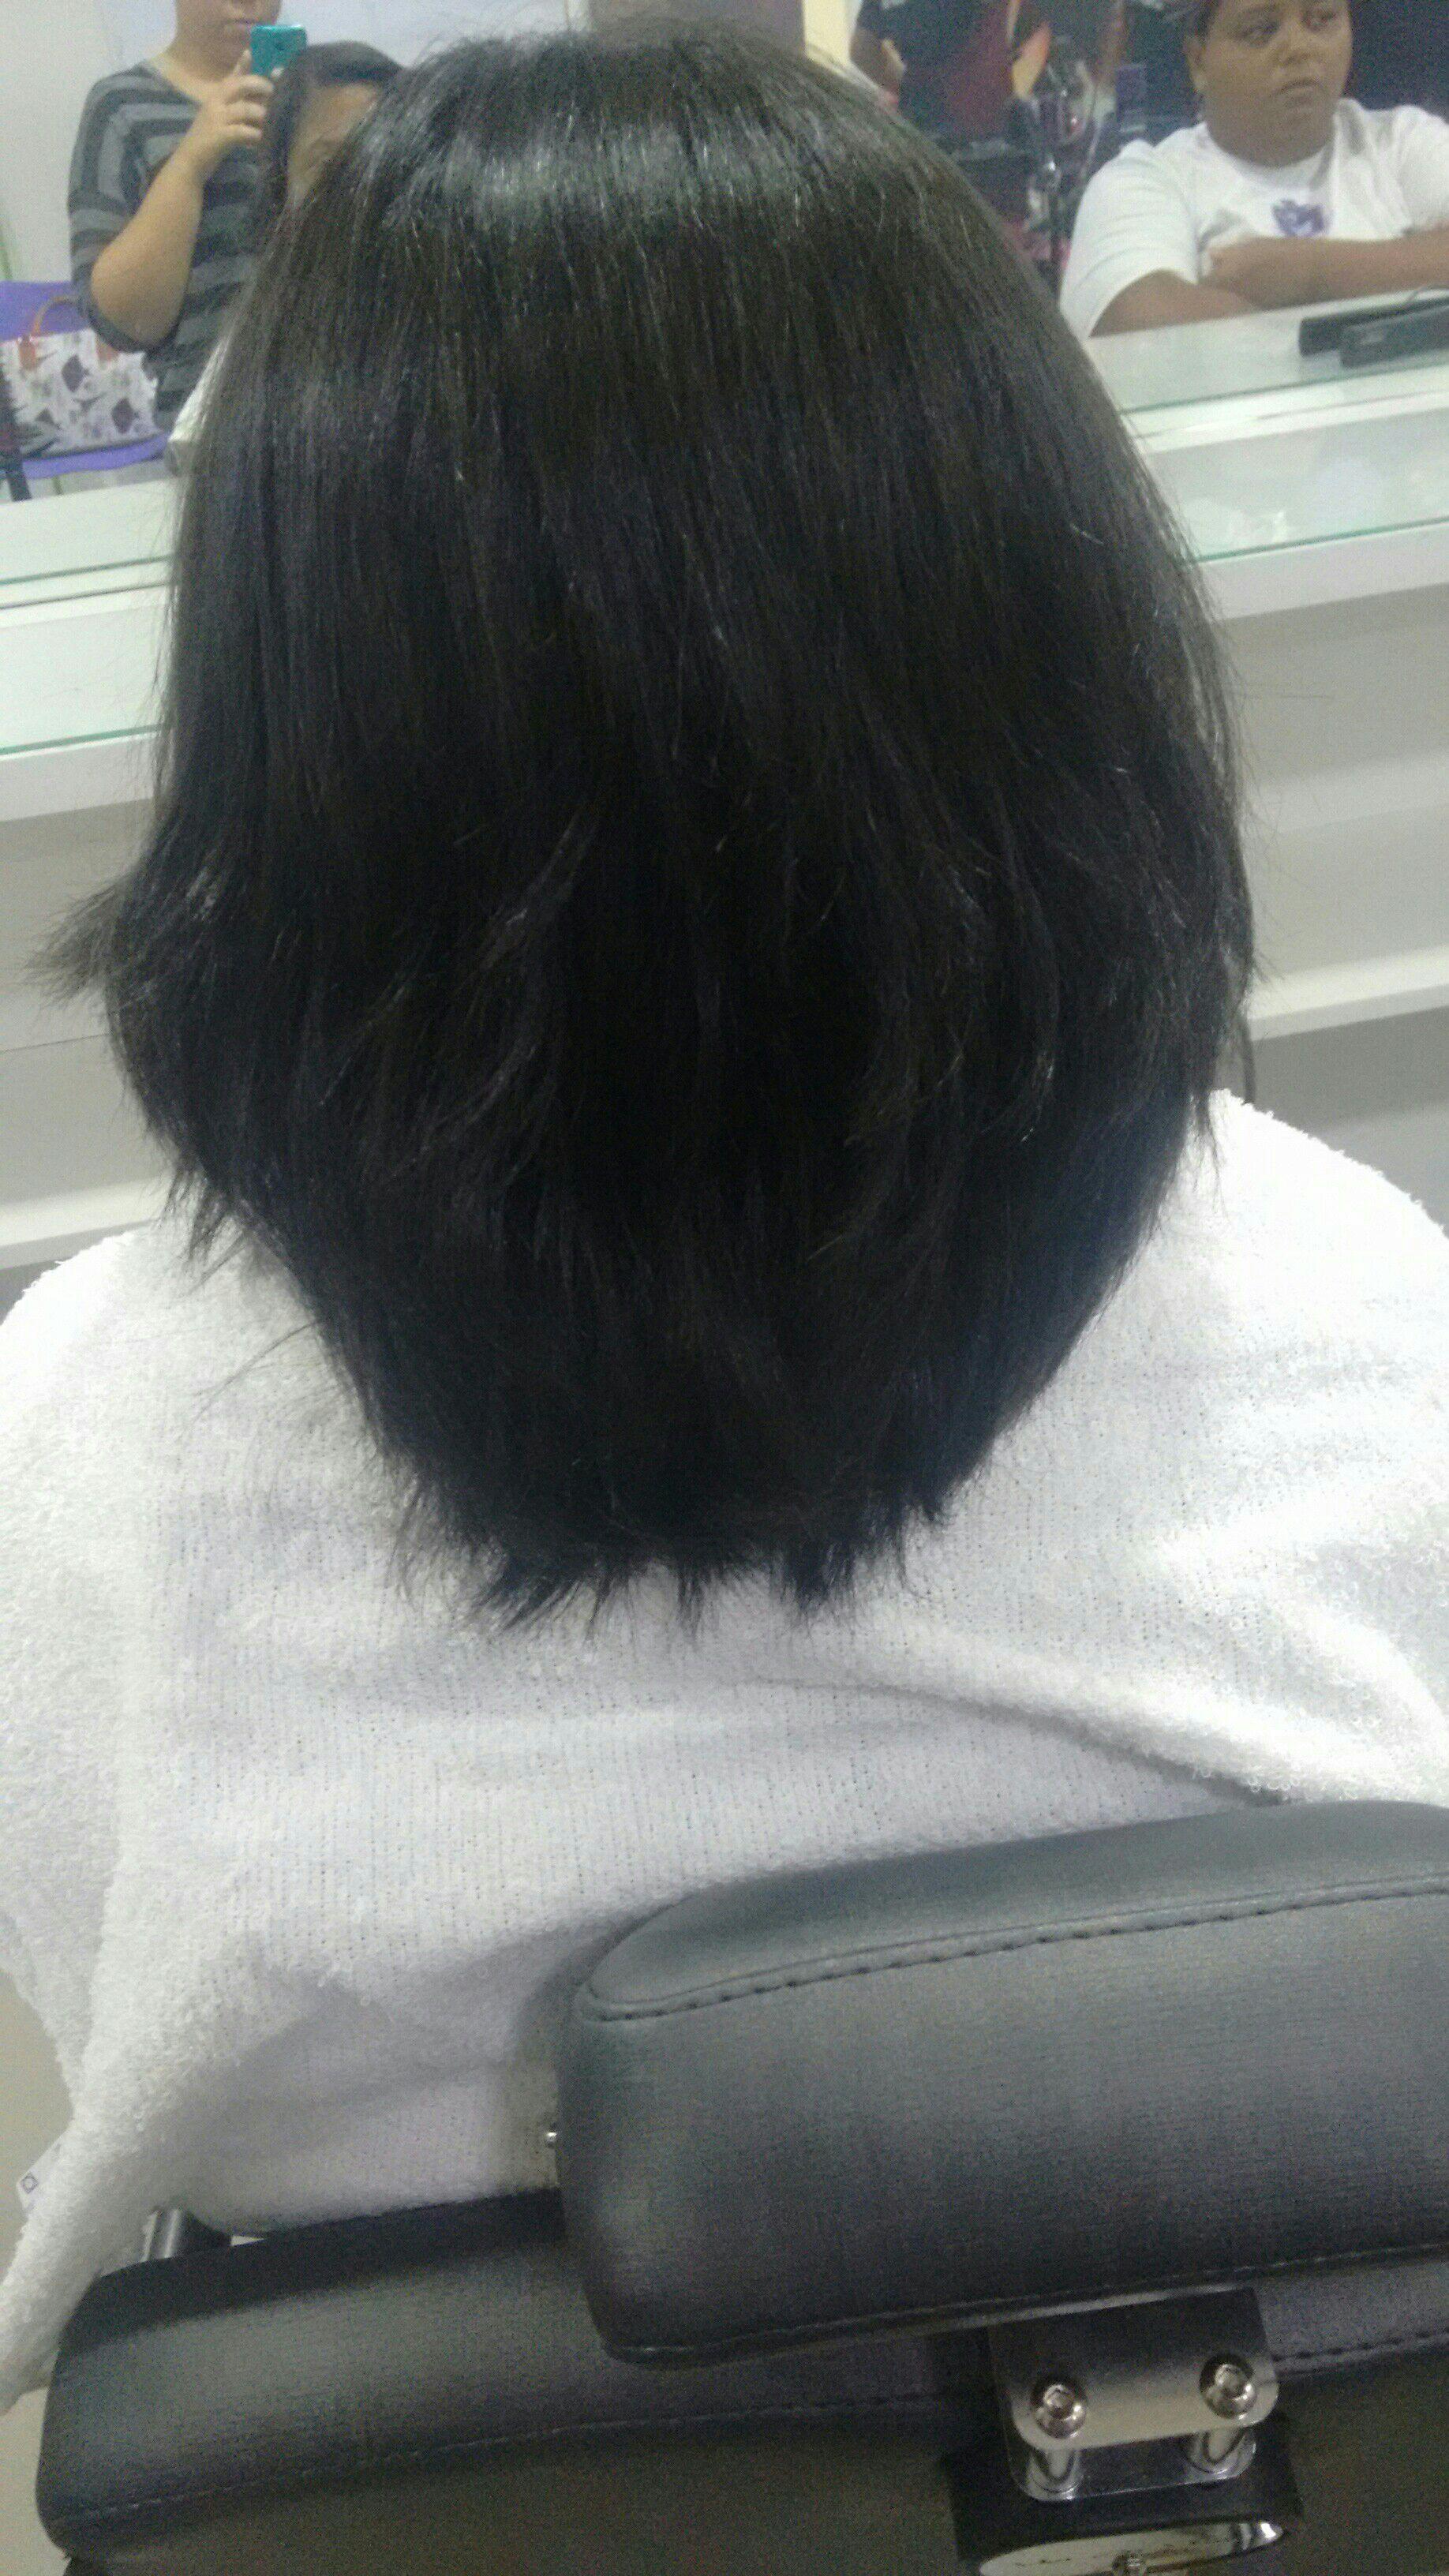 Escova+prancha finalizado cabelo estudante (cabeleireiro) designer de sobrancelhas